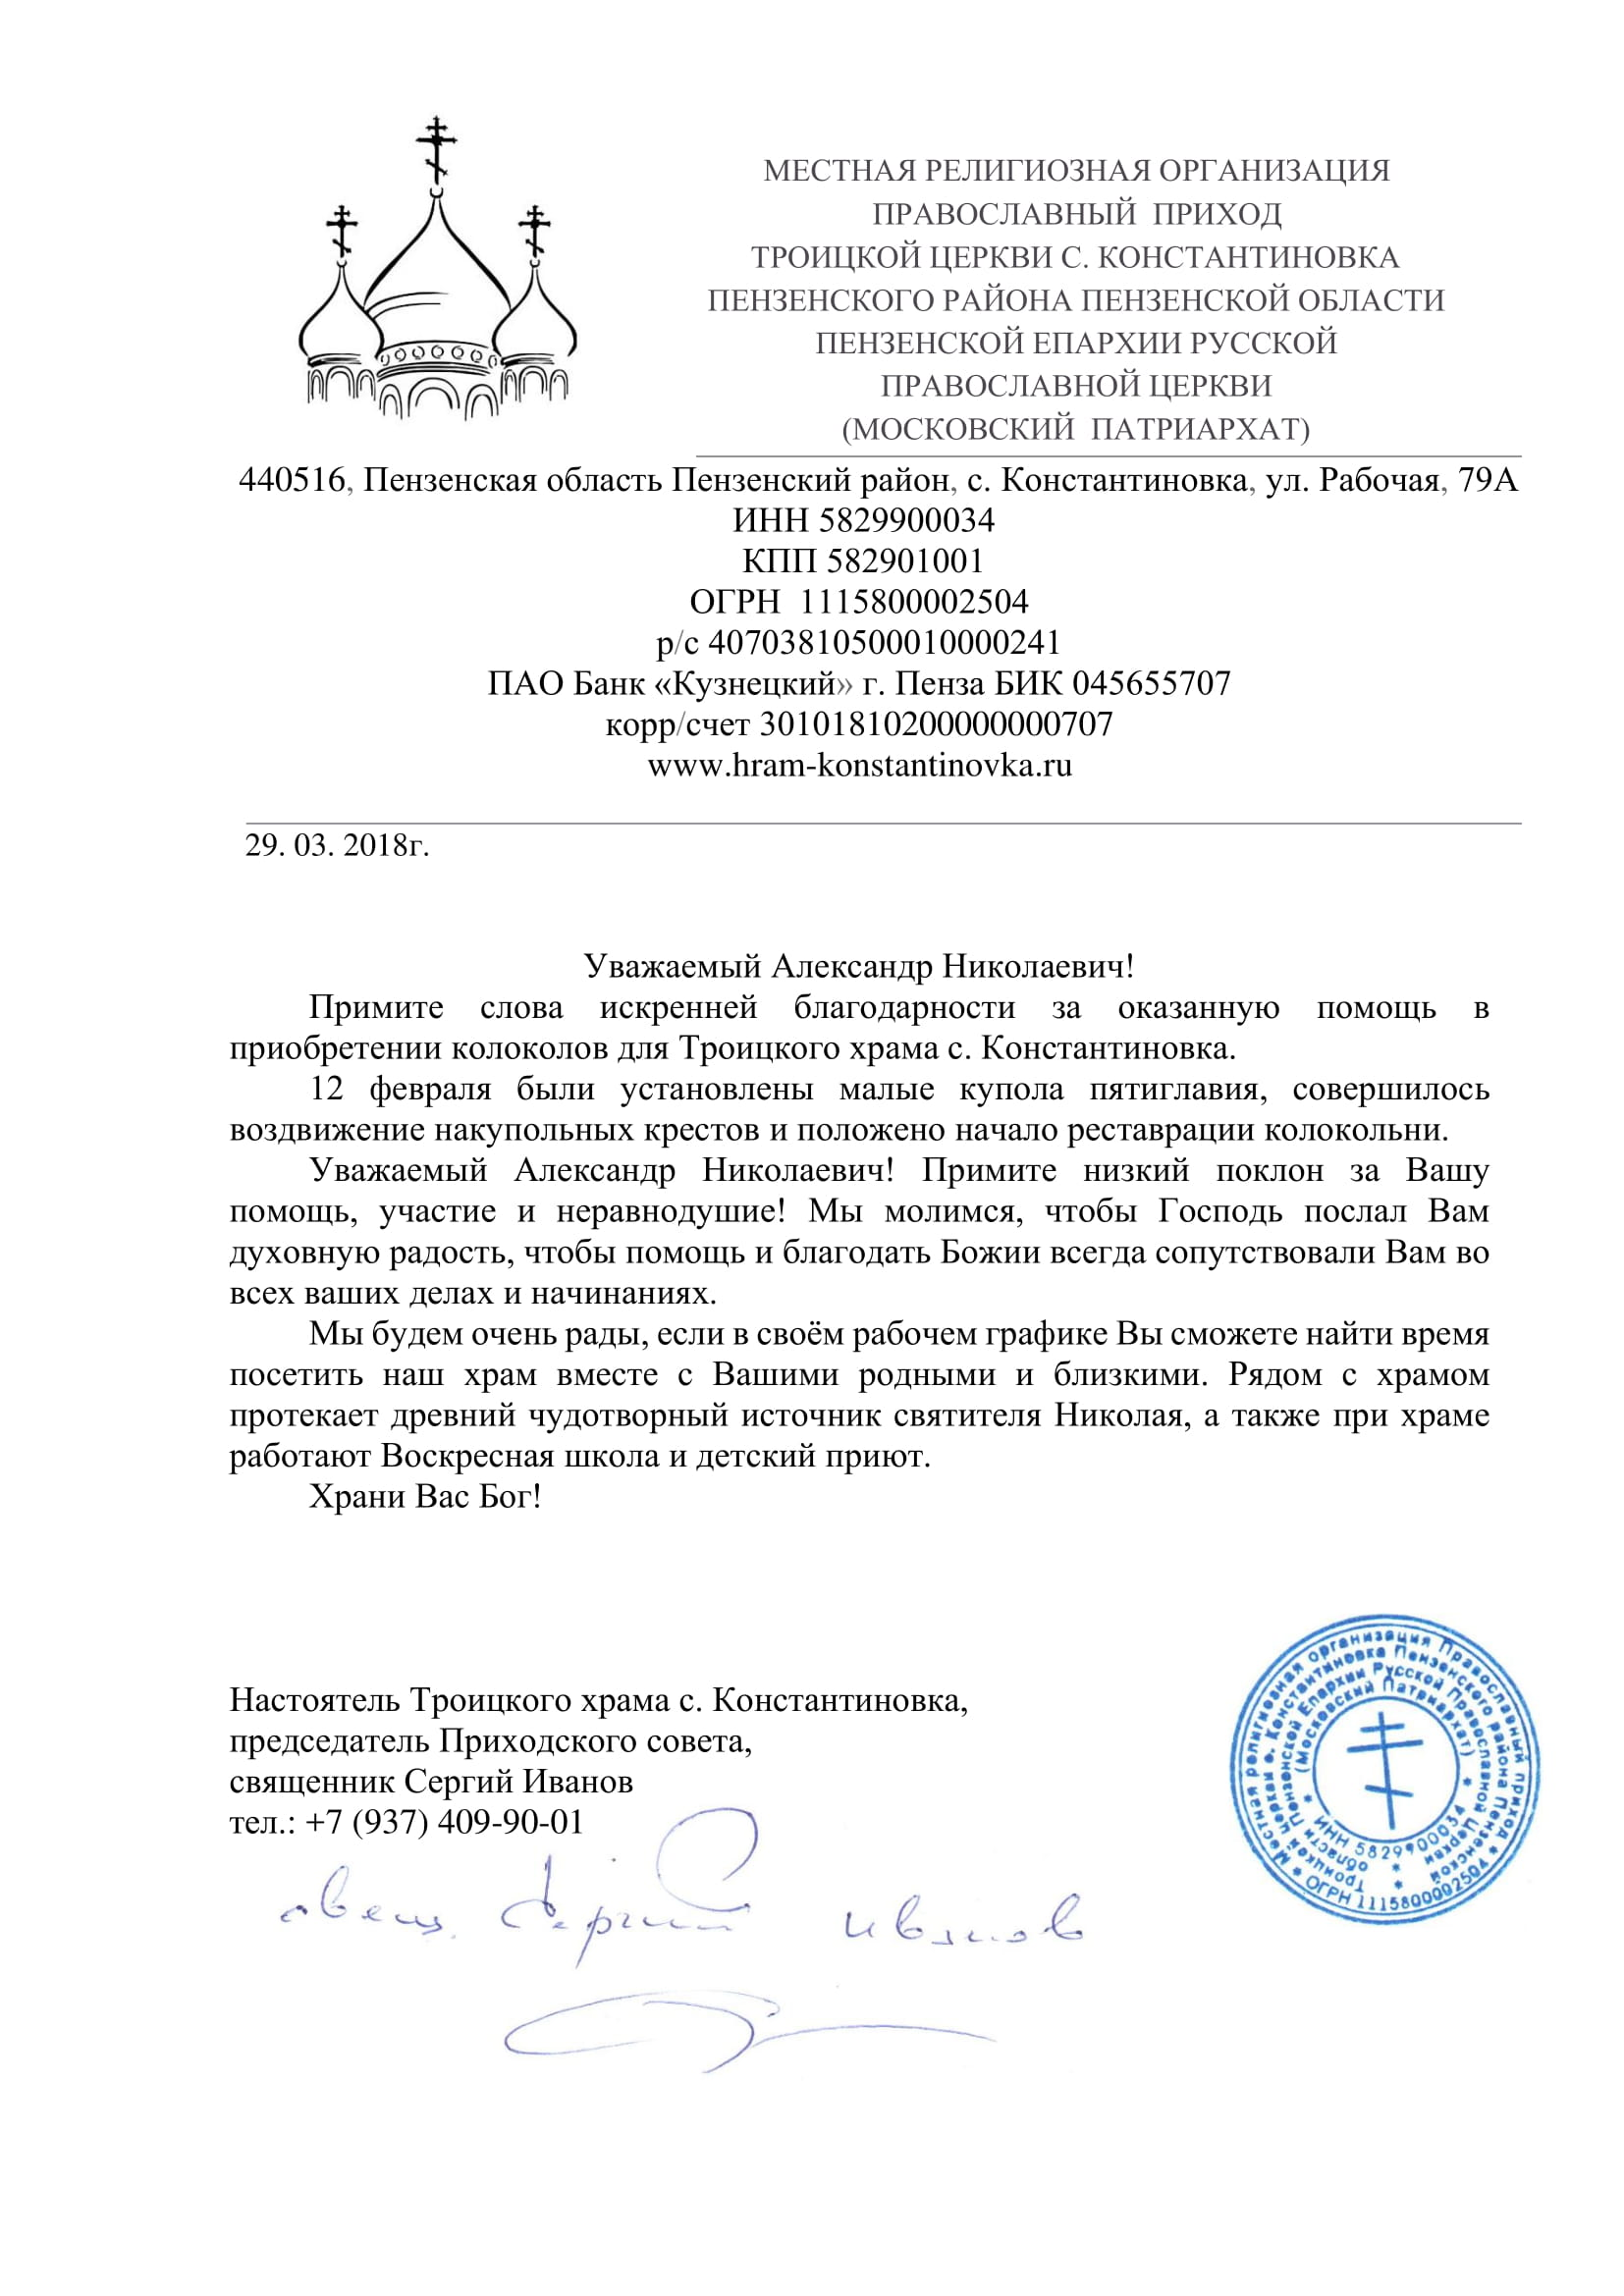 Благодарственное письмо Храм Константиновка